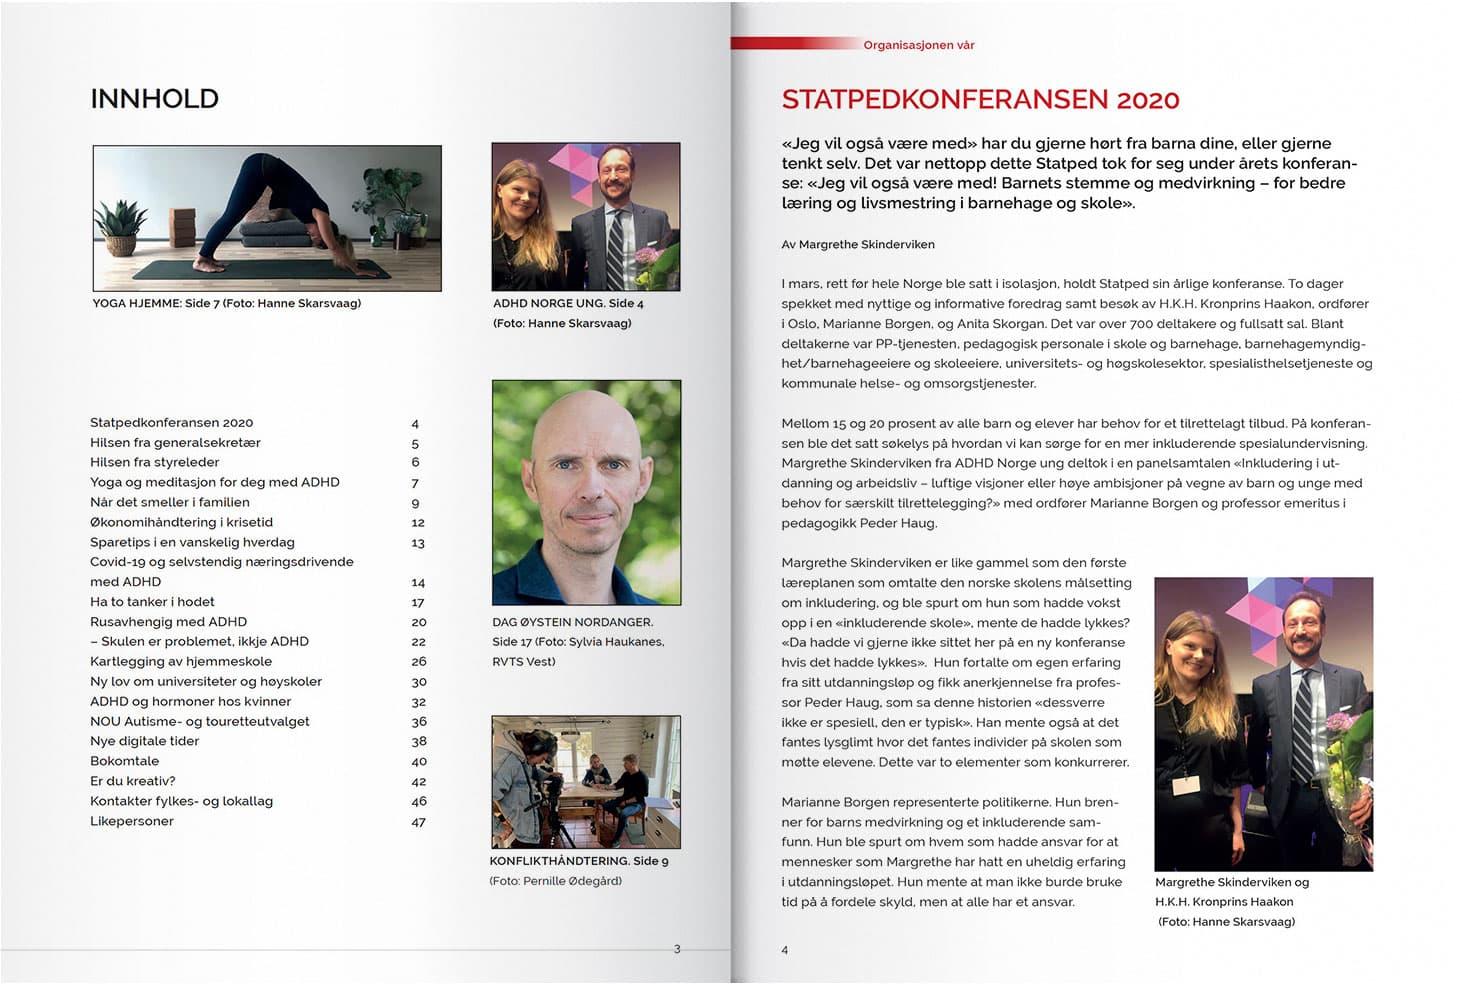 Et omslag som viser litt av innholdet i magasinet STÅ PÅ